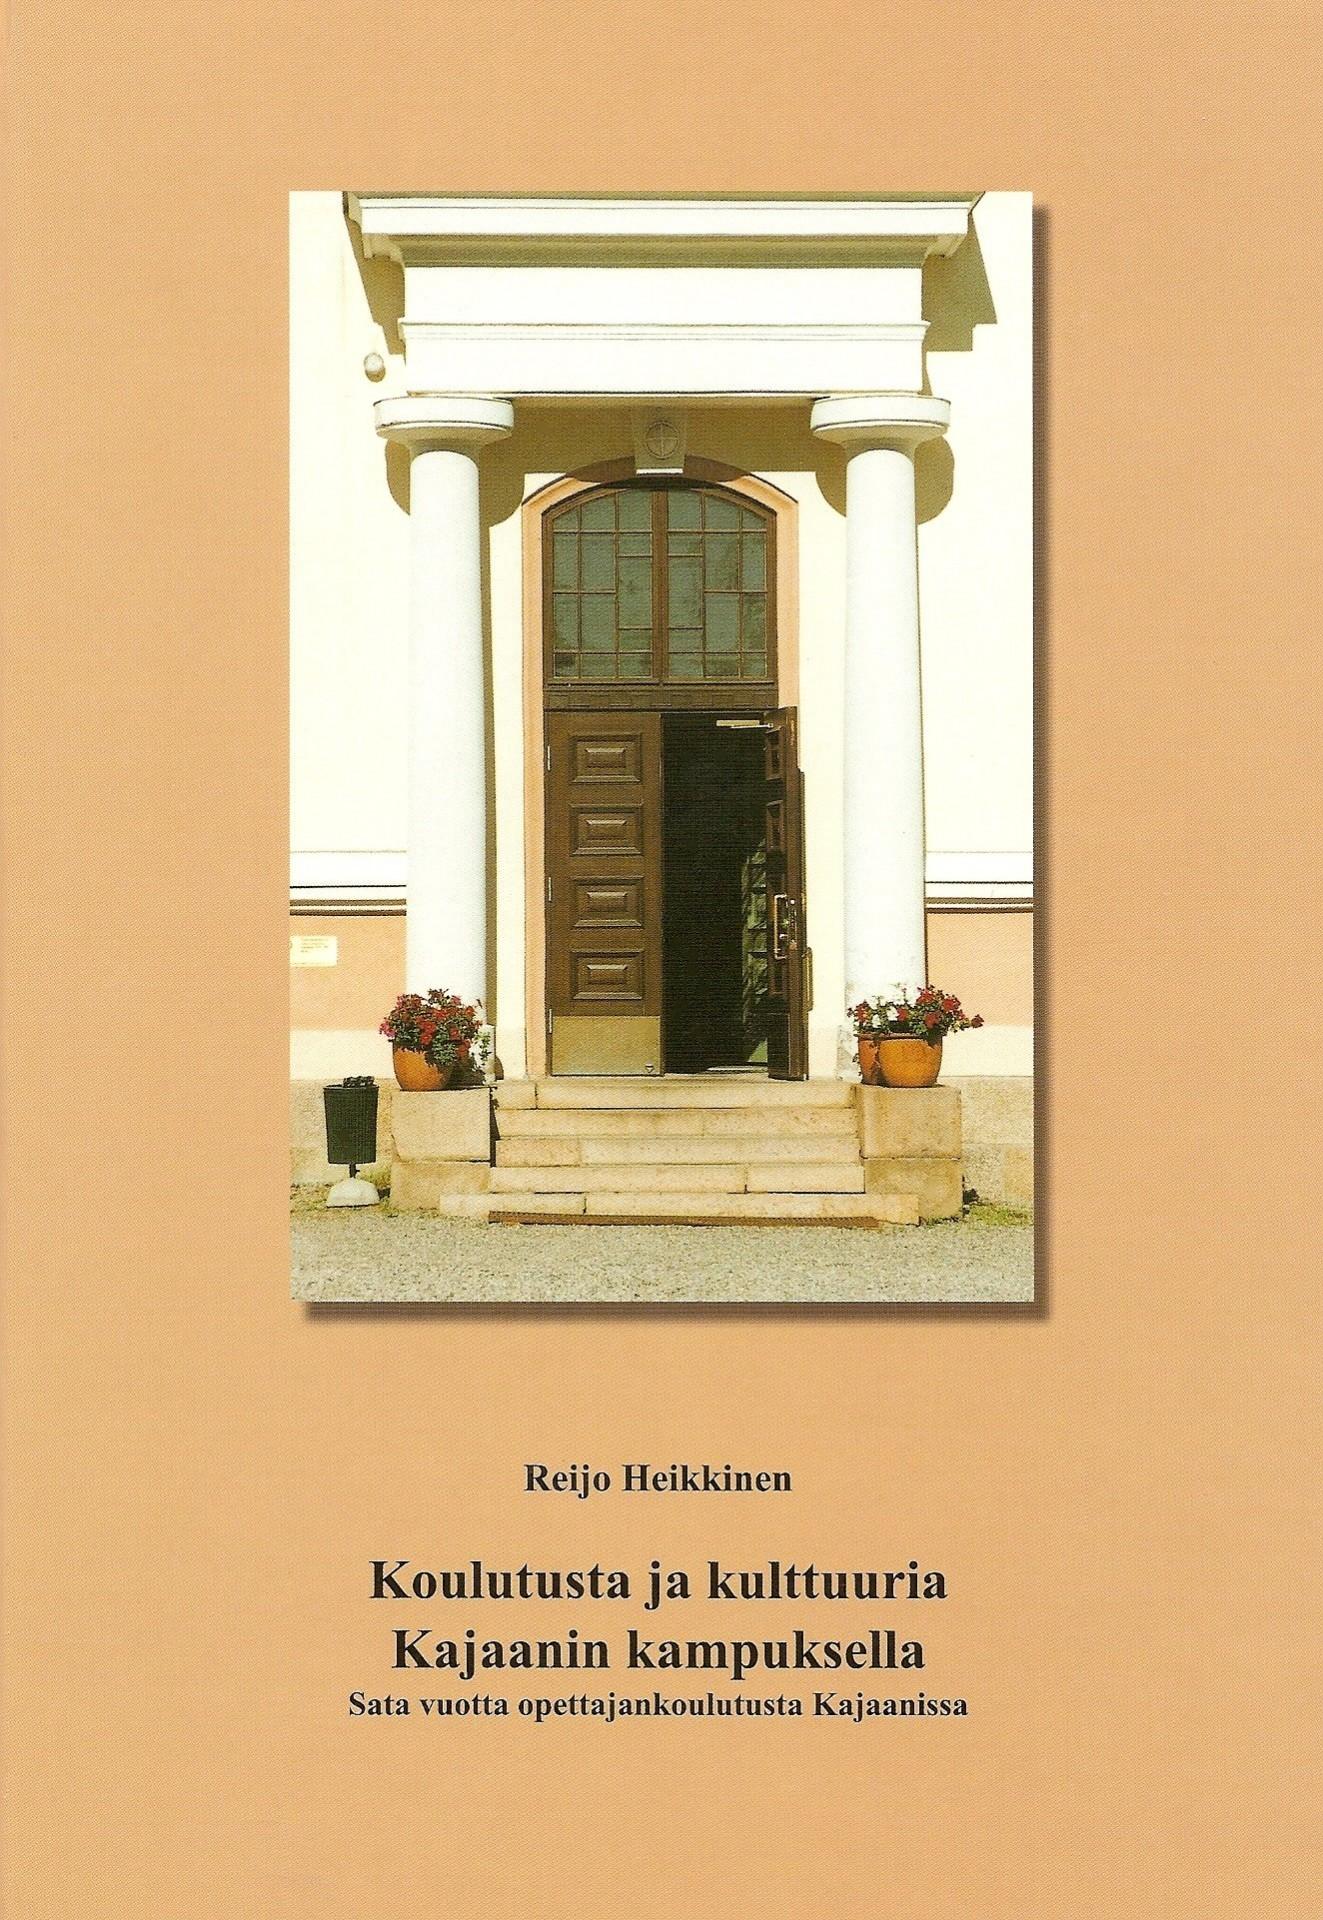 Koulutusta ja kulttuuria Kajaanin kampuksella 2000